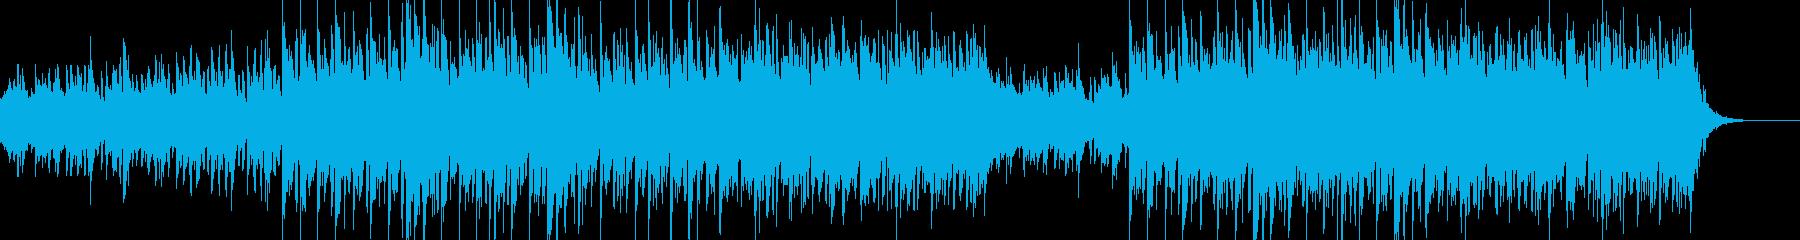 シンプルで素朴なBGMの再生済みの波形